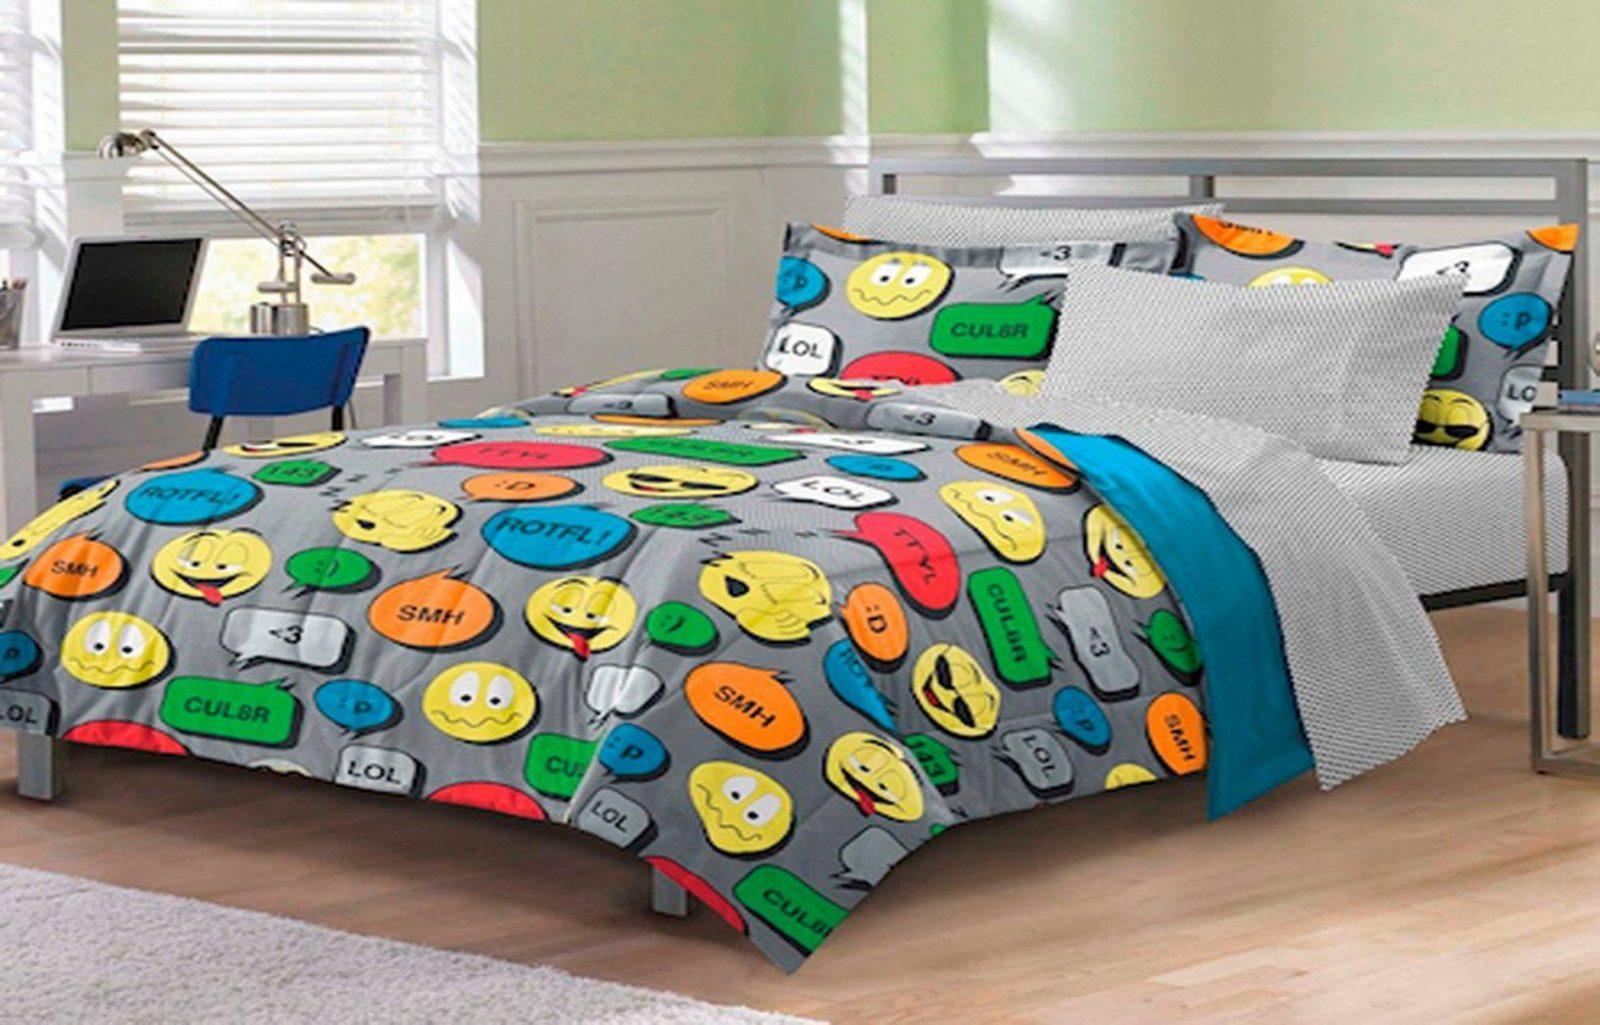 Jung & Wilde Zimmer 21 Coole Bettwäsche Für Teenager  Kinderzimmer von Bettwäsche Für Teenager Bild